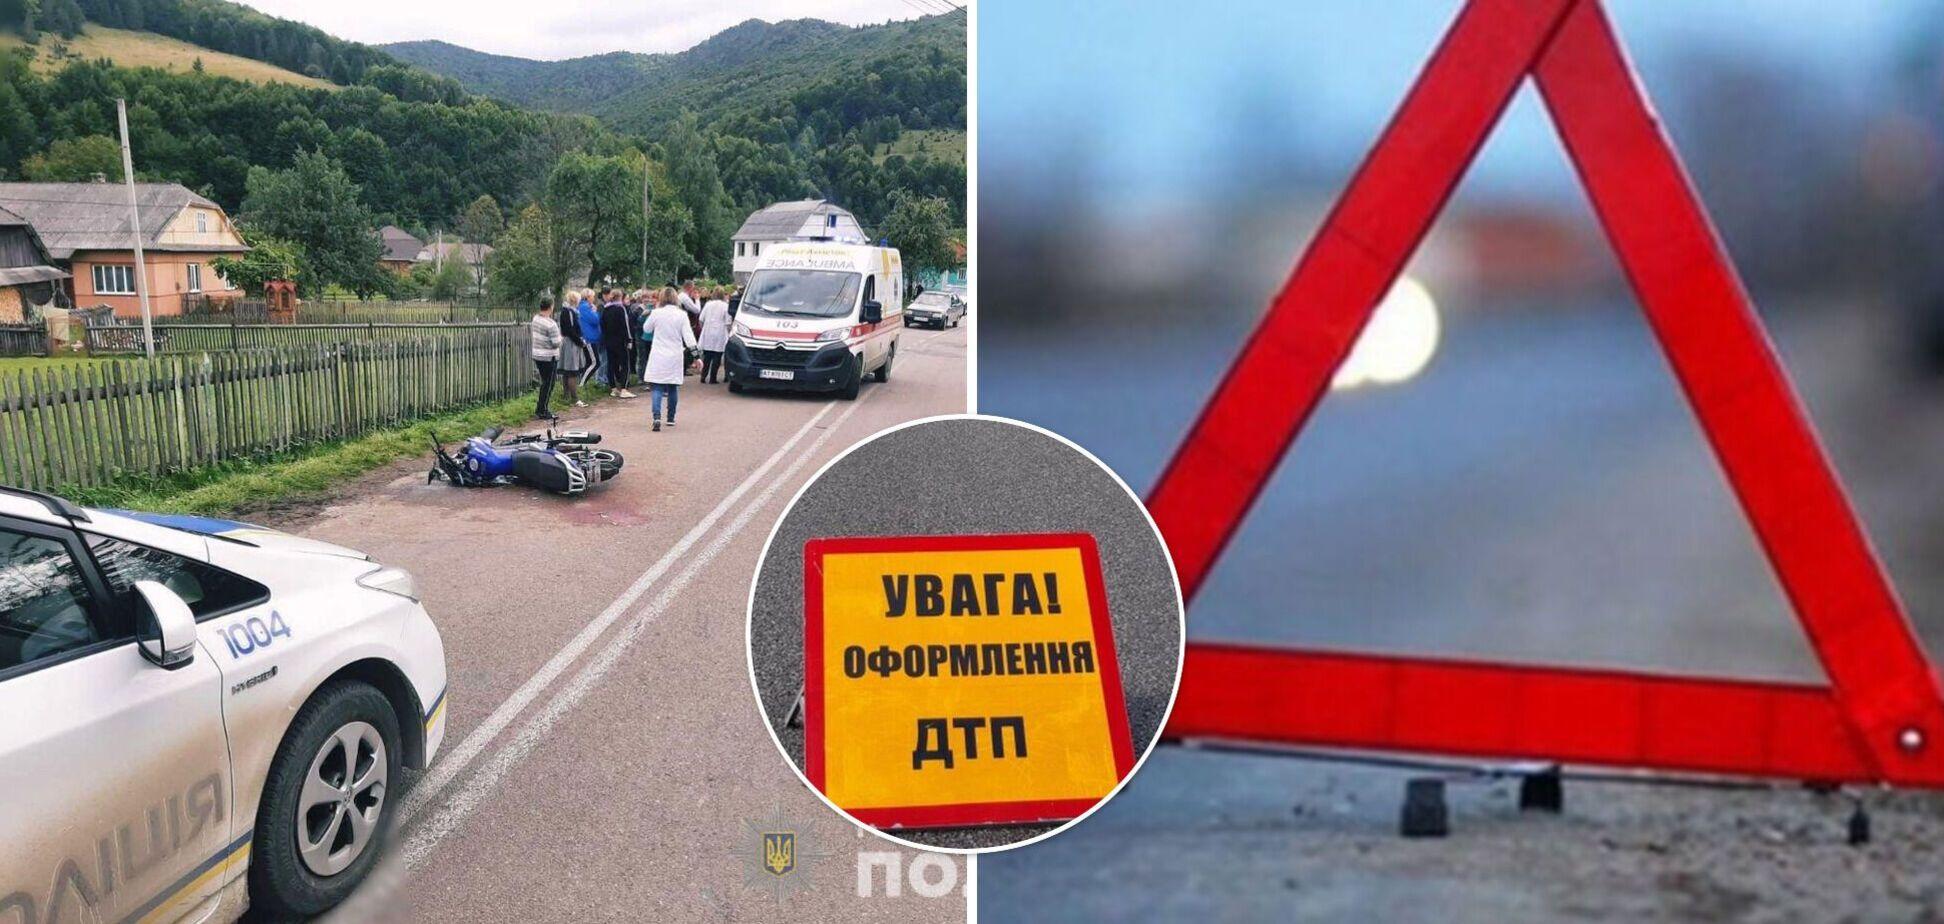 На Прикарпатье 16-летний мотоциклист сбил двух девушек: в полиции раскрыли подробности. Фото